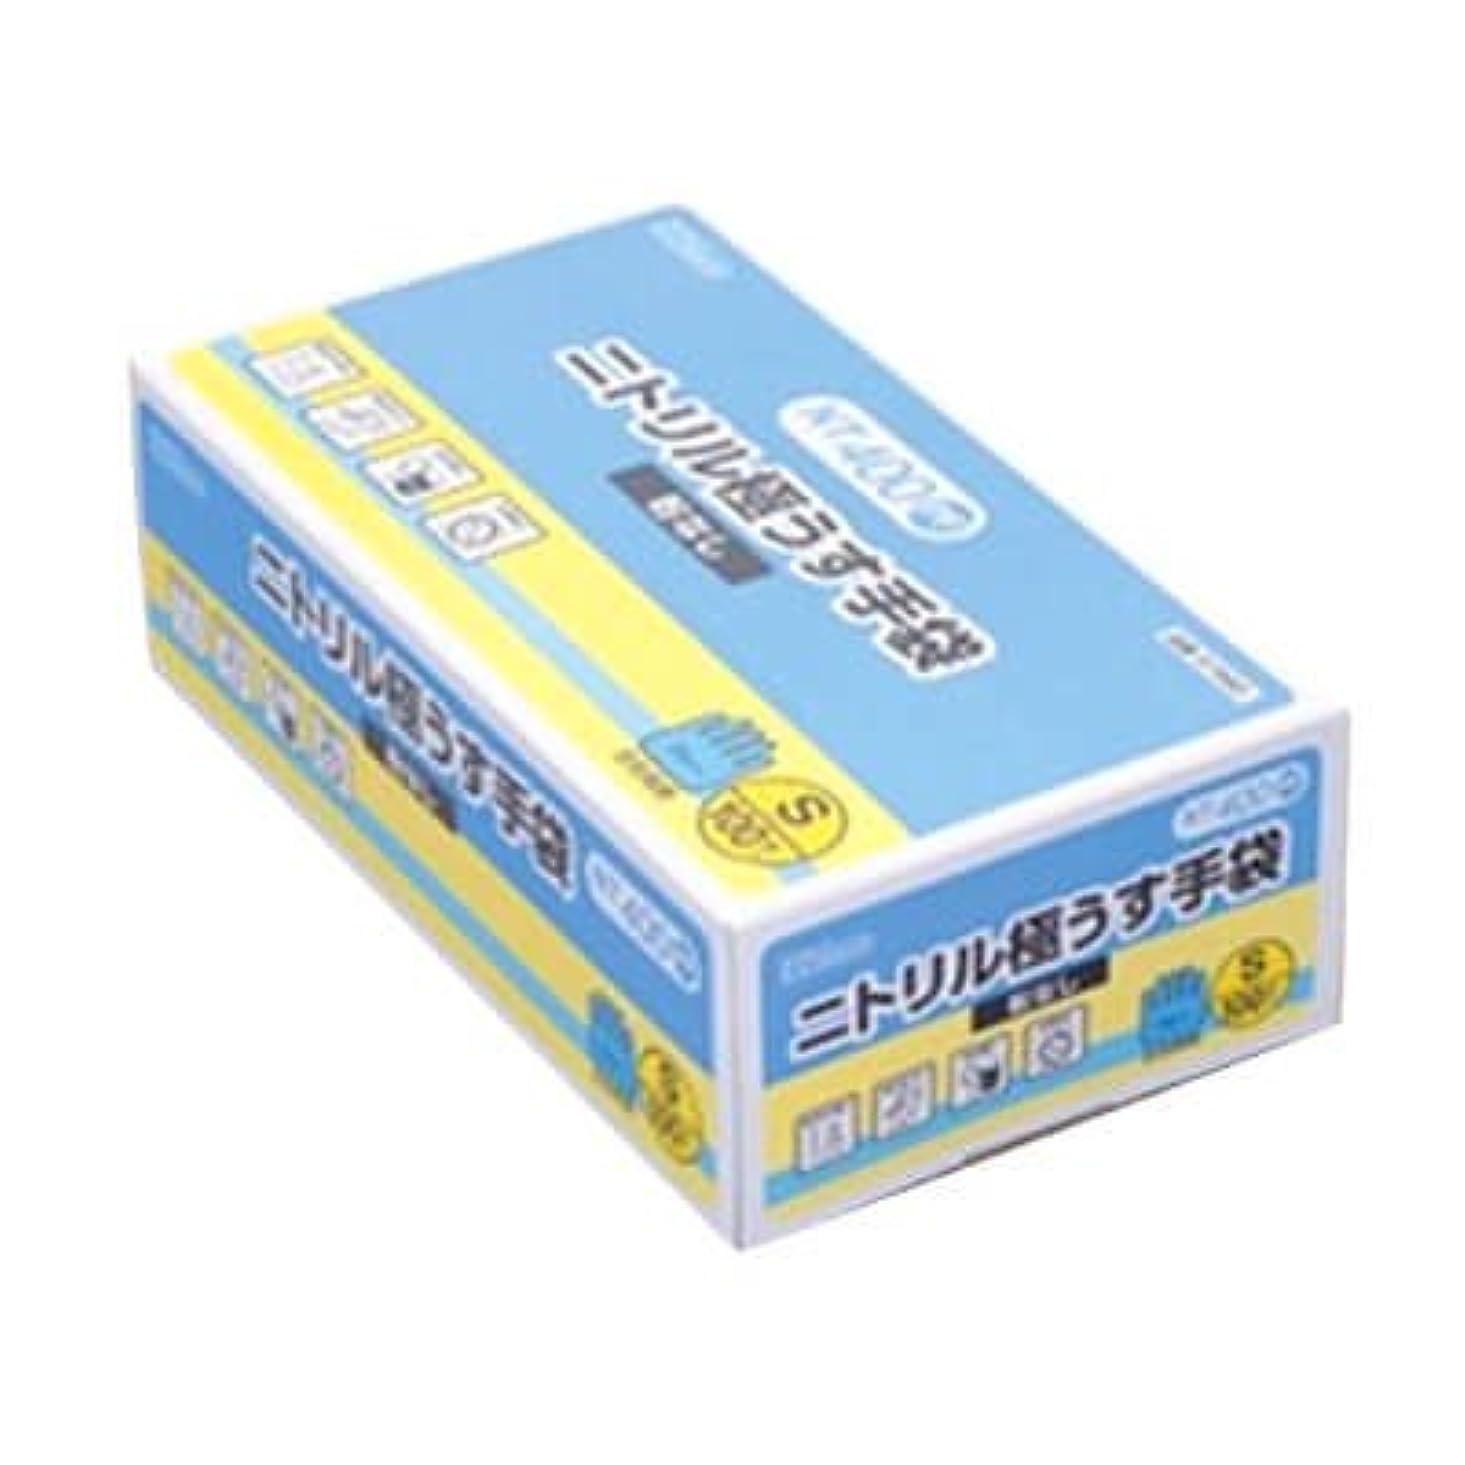 十一アルファベット群れ【ケース販売】 ダンロップ ニトリル極うす手袋 粉無 S ブルー NT-400 (100枚入×20箱)